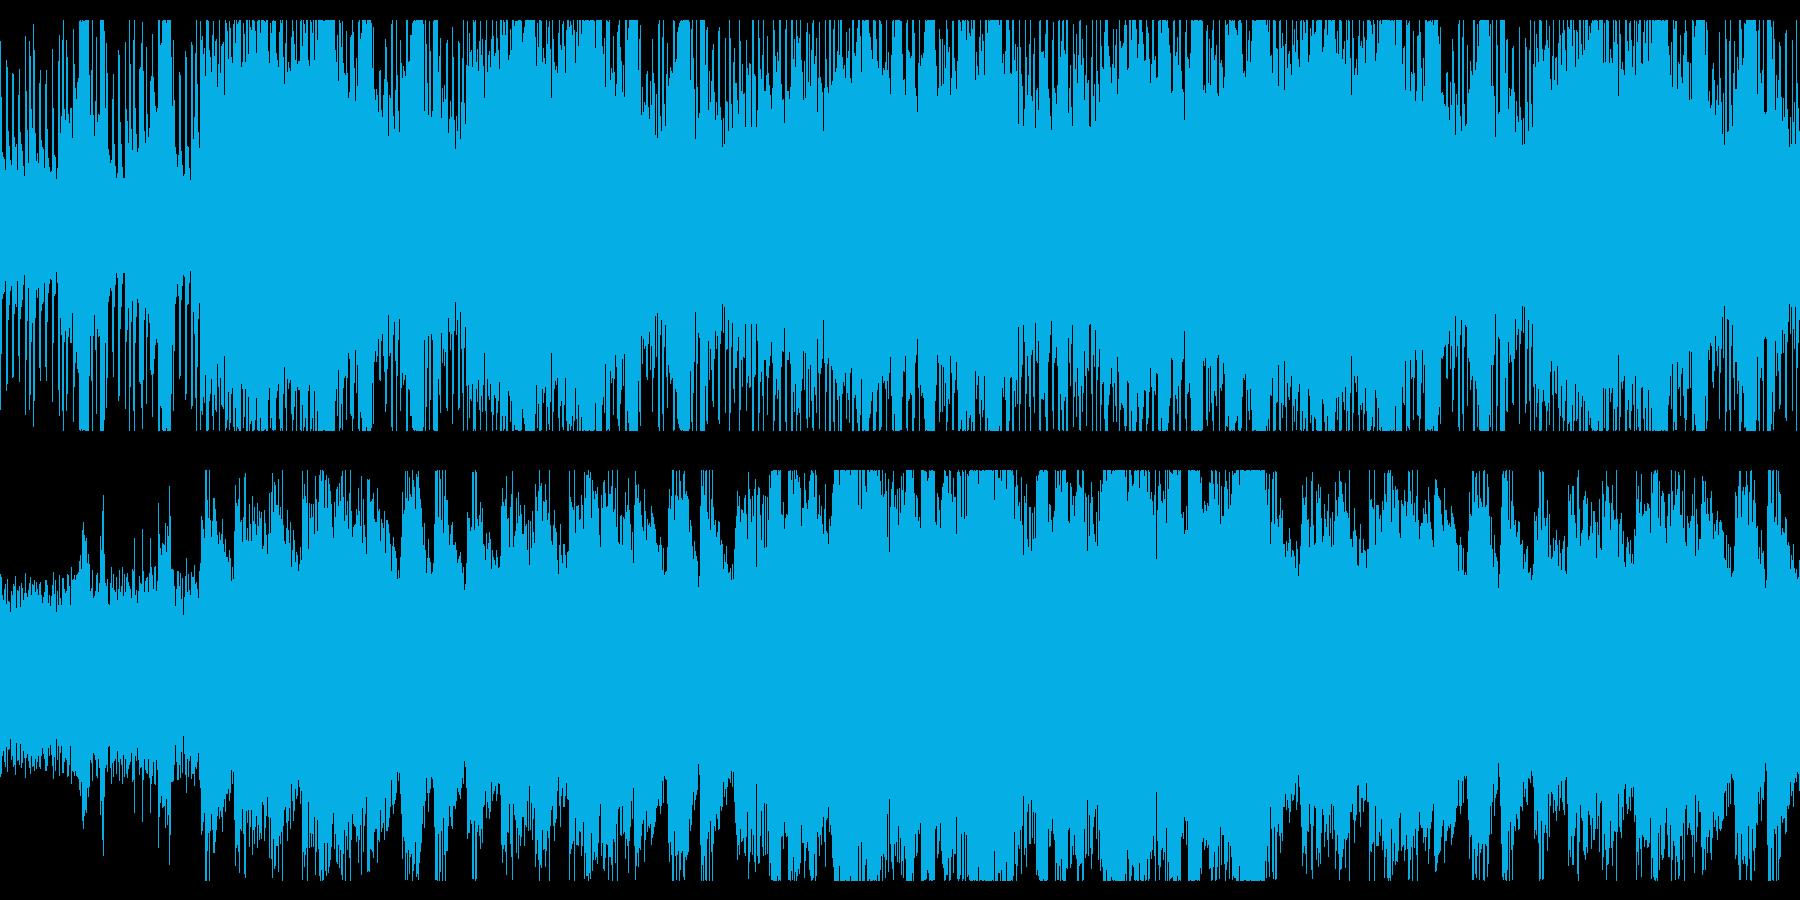 [ループ]運動会に最適なオーケストラの再生済みの波形